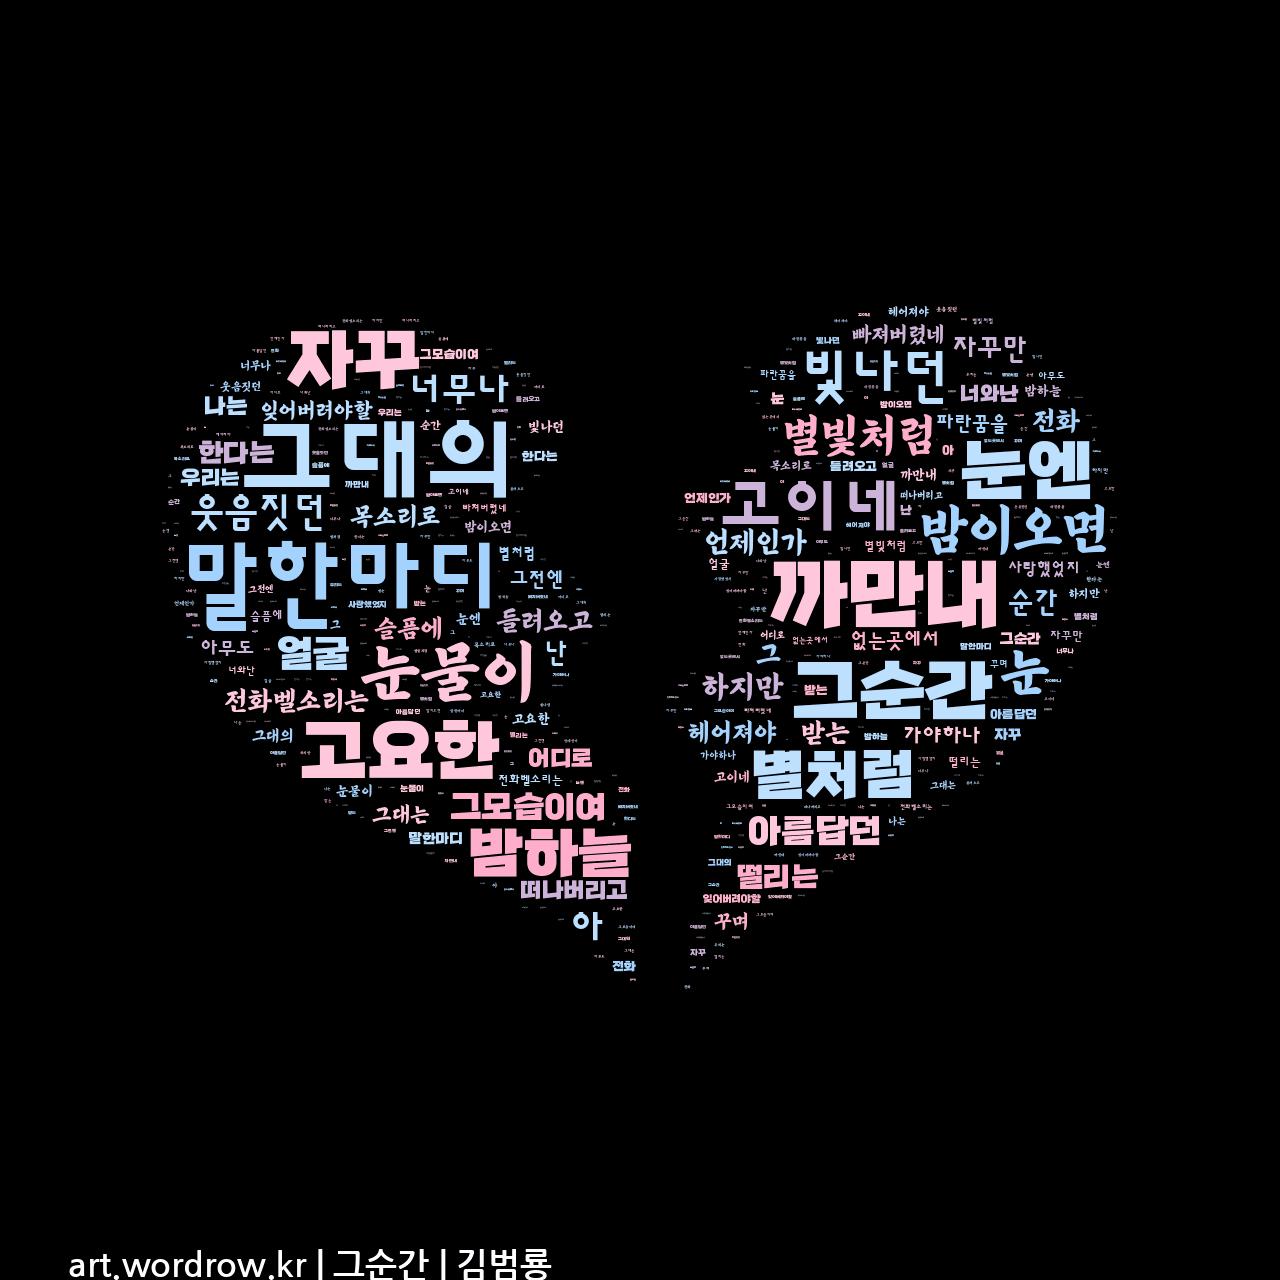 워드 아트: 그순간 [김범룡]-21